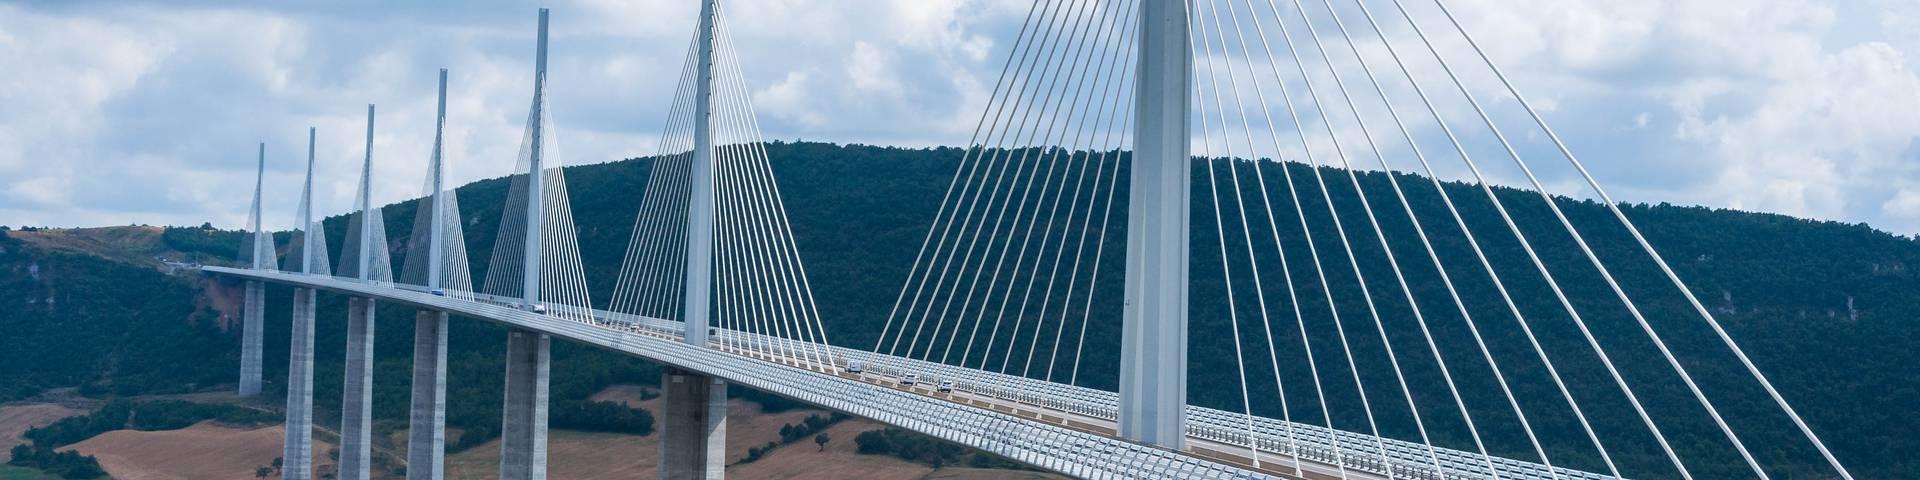 riviere sous le pont de millau